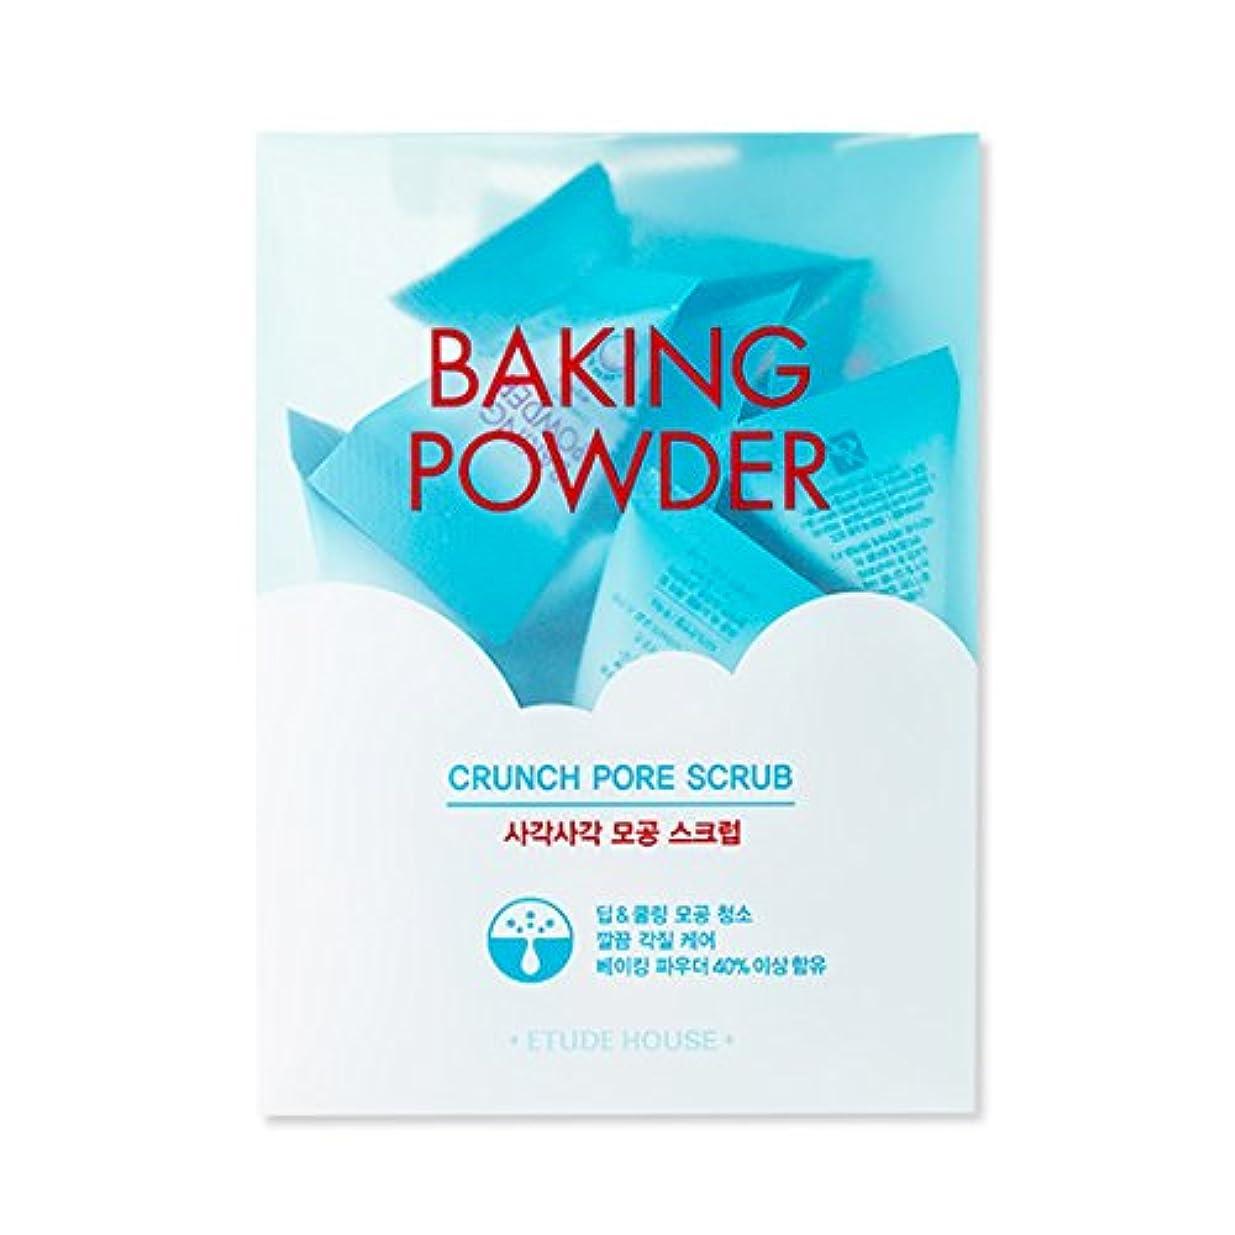 争いカウントアップ擁する[2016 Upgrade!] ETUDE HOUSE Baking Powder Crunch Pore Scrub 7g×24ea/エチュードハウス ベーキング パウダー クランチ ポア スクラブ 7g×24ea [...